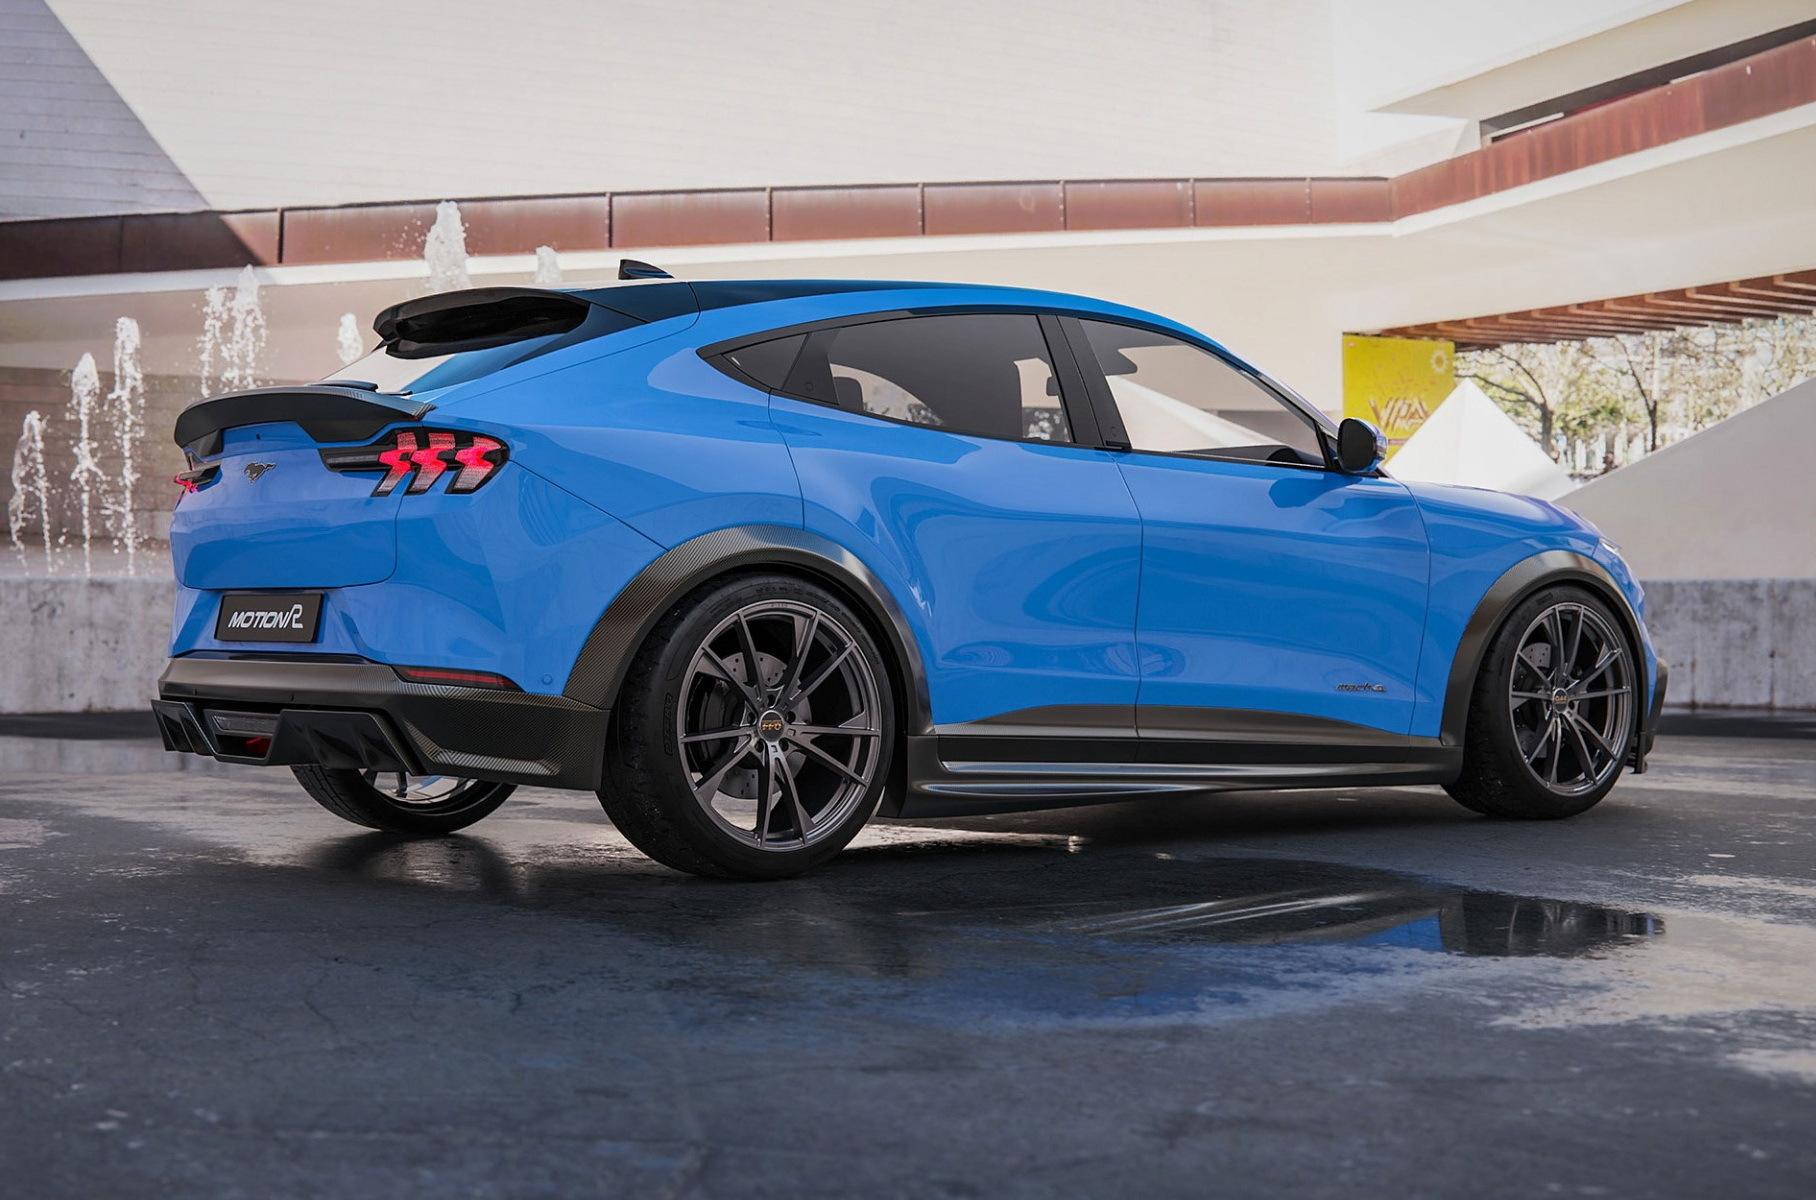 Для электрокара Ford Mustang Mach-E разработали первый тюнинг-кит Новости